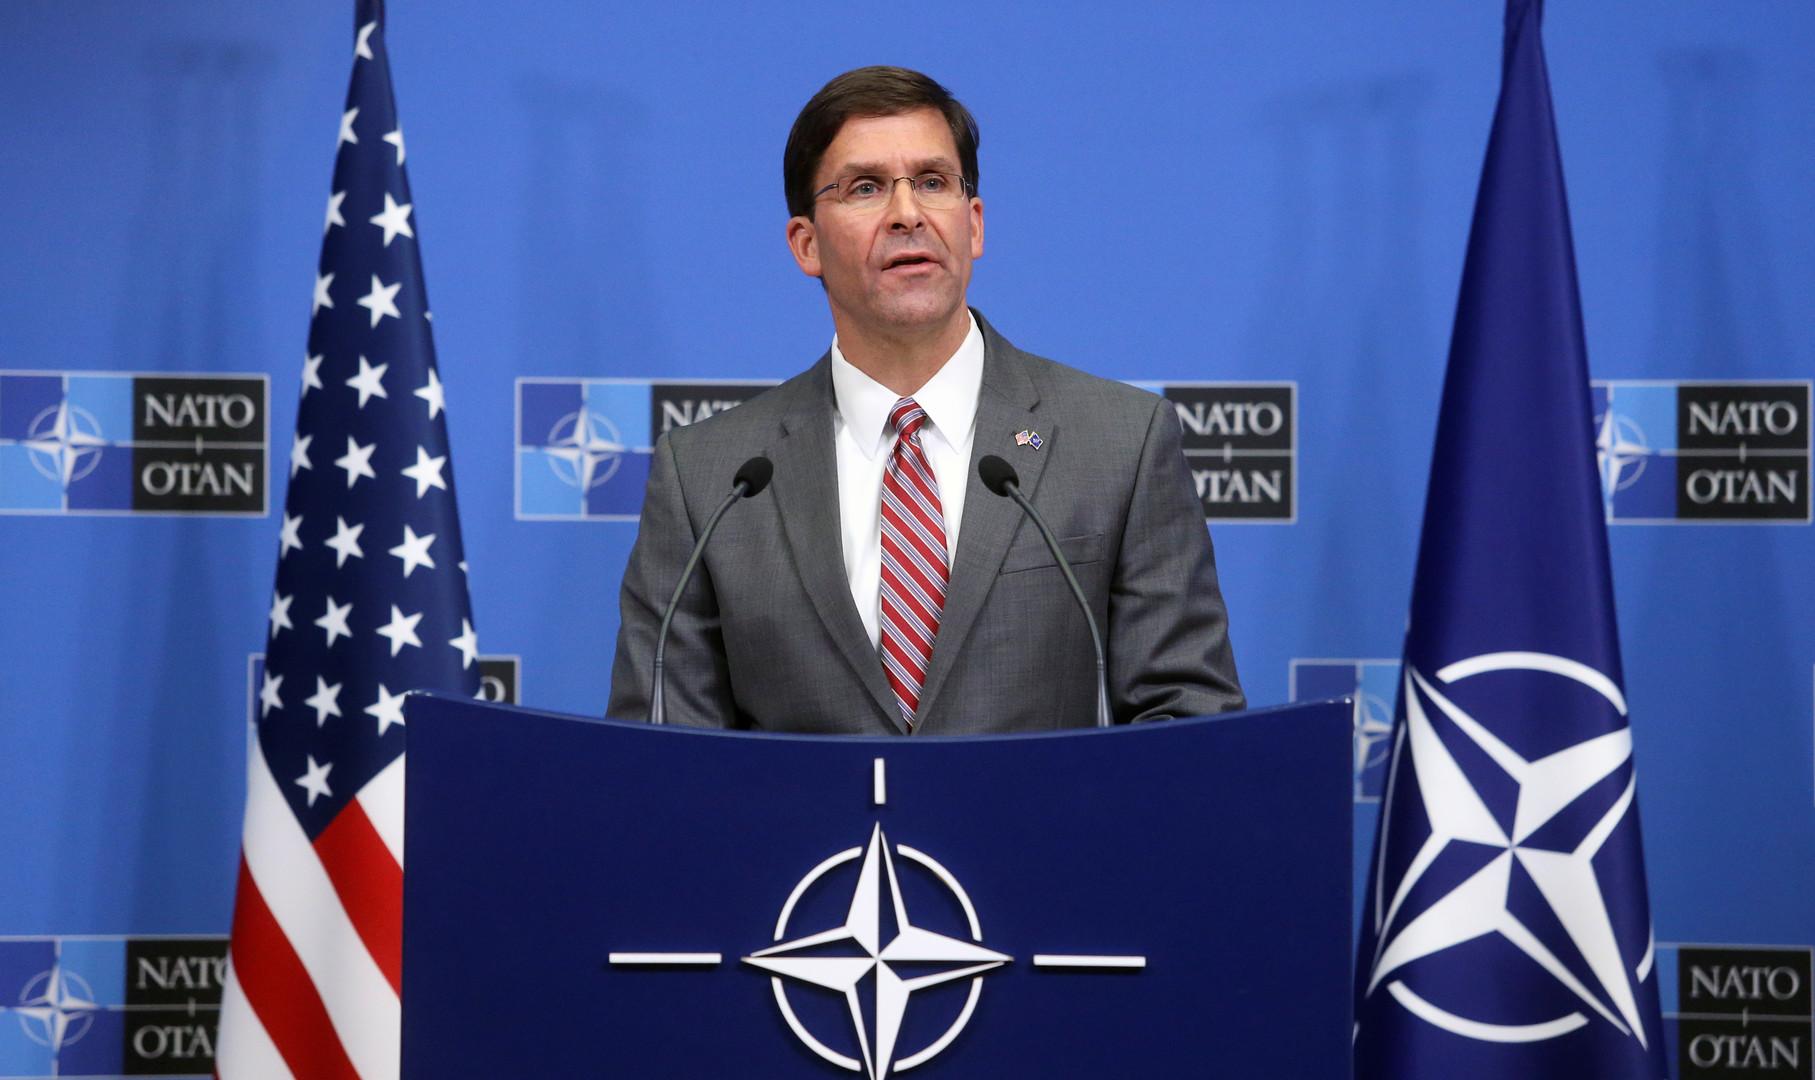 الولايات المتحدة تعلن استعدادها لإرسال سفن حربية لحماية أمن الملاحة في مضيق هرمز